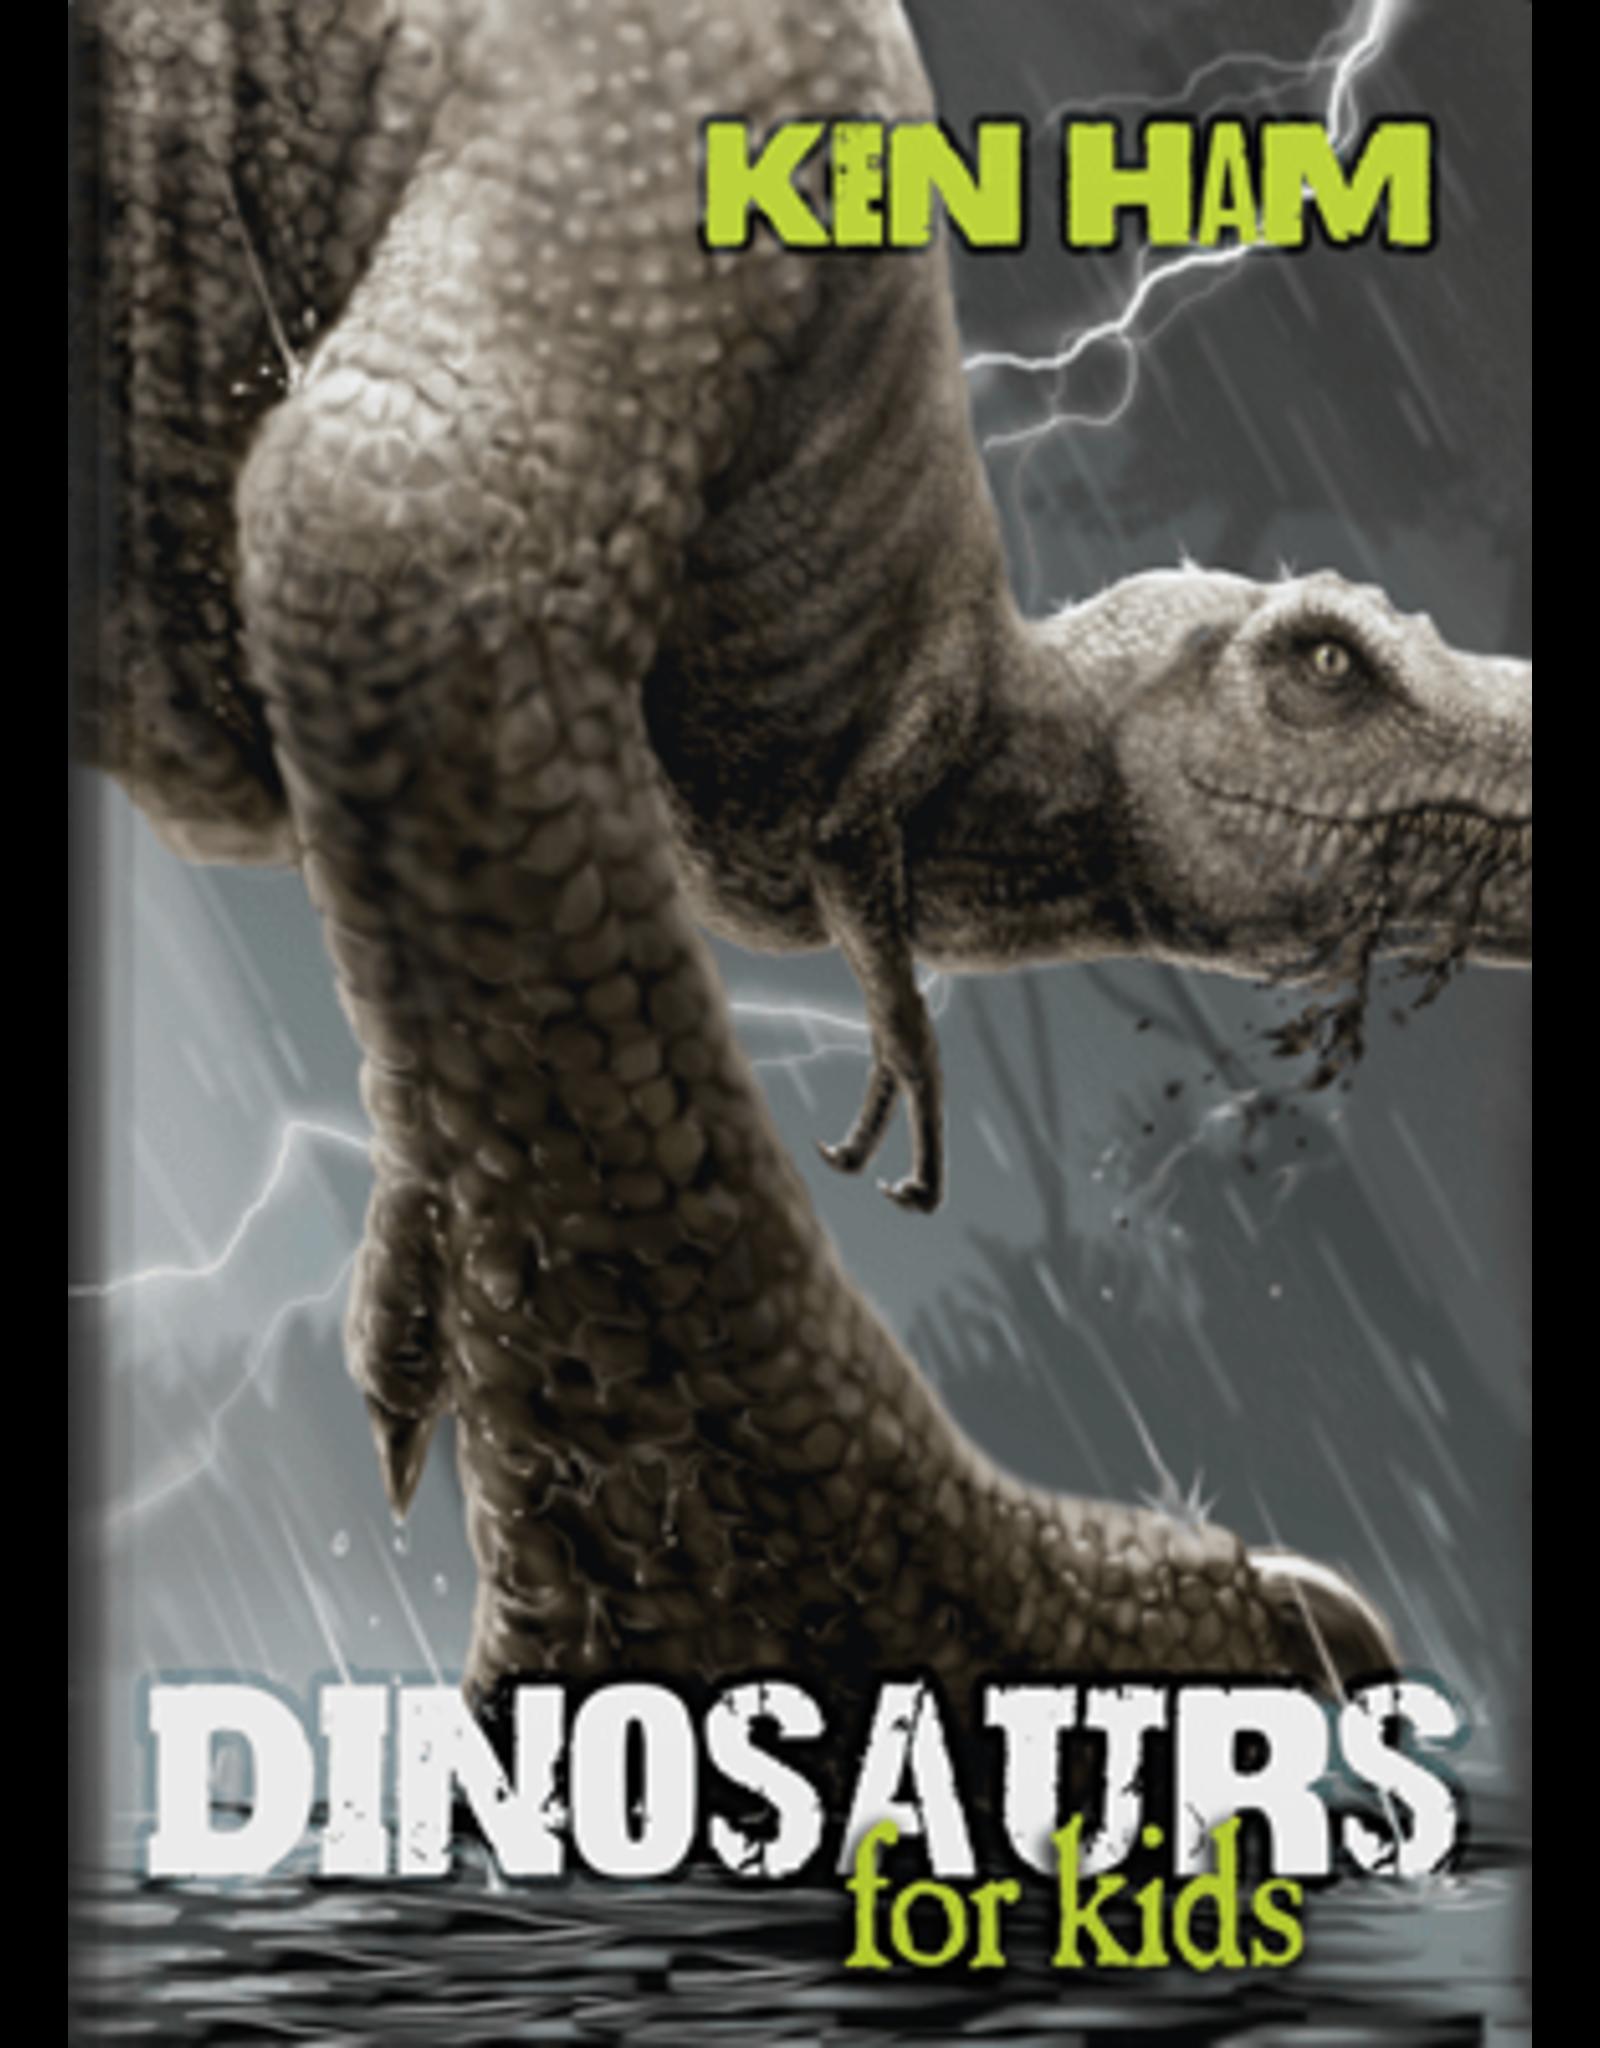 Ken Ham Dinosaurs for Kids